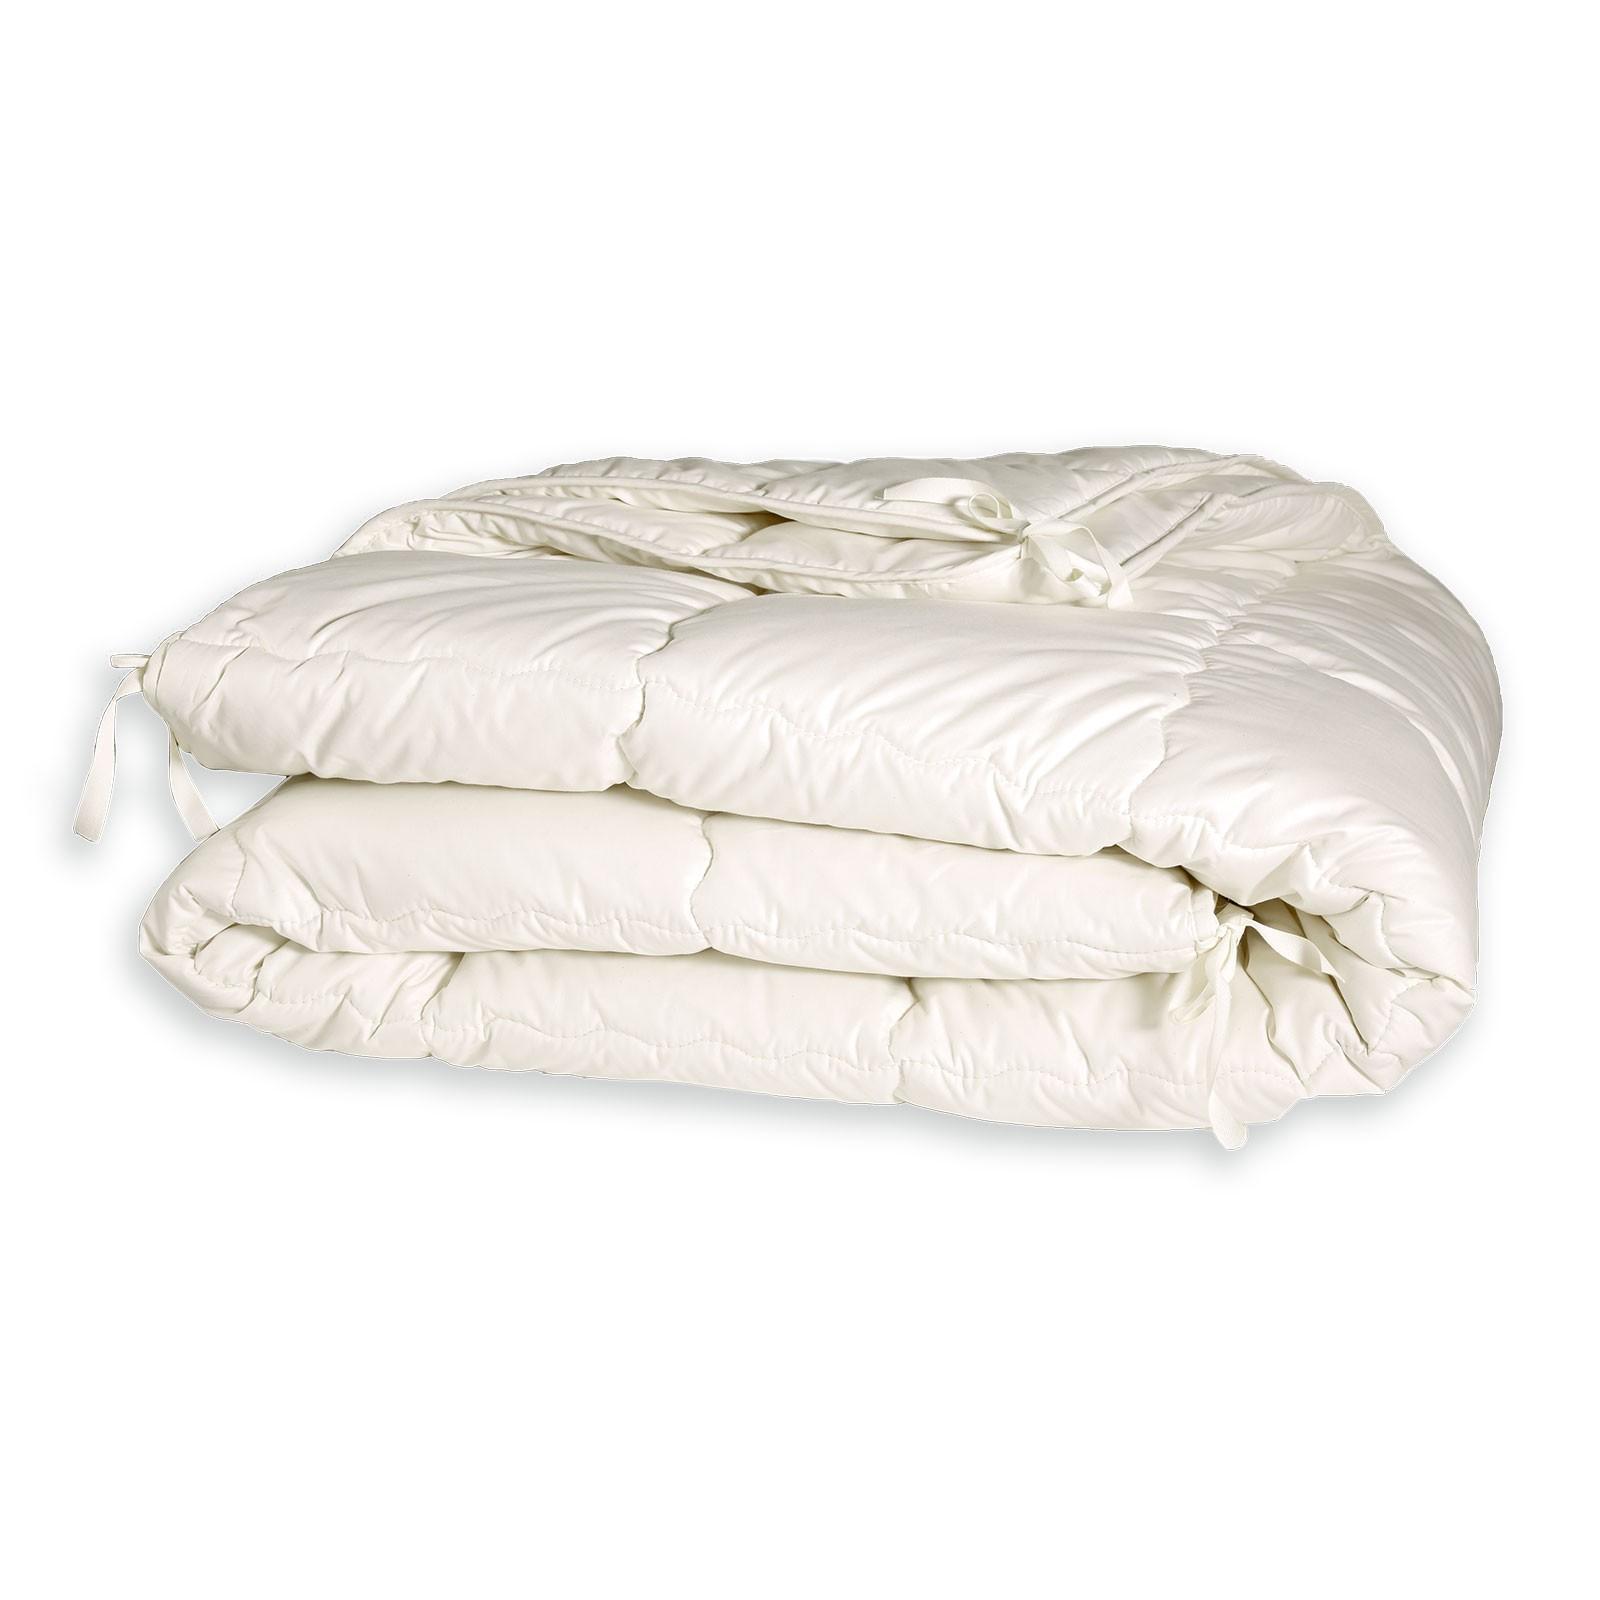 Bett Schlafzimmer Feng Shui Kleiderschränke Marken Natur: Gesunde Bettdecken. Schlafsofas Recamiere Schlafzimmer